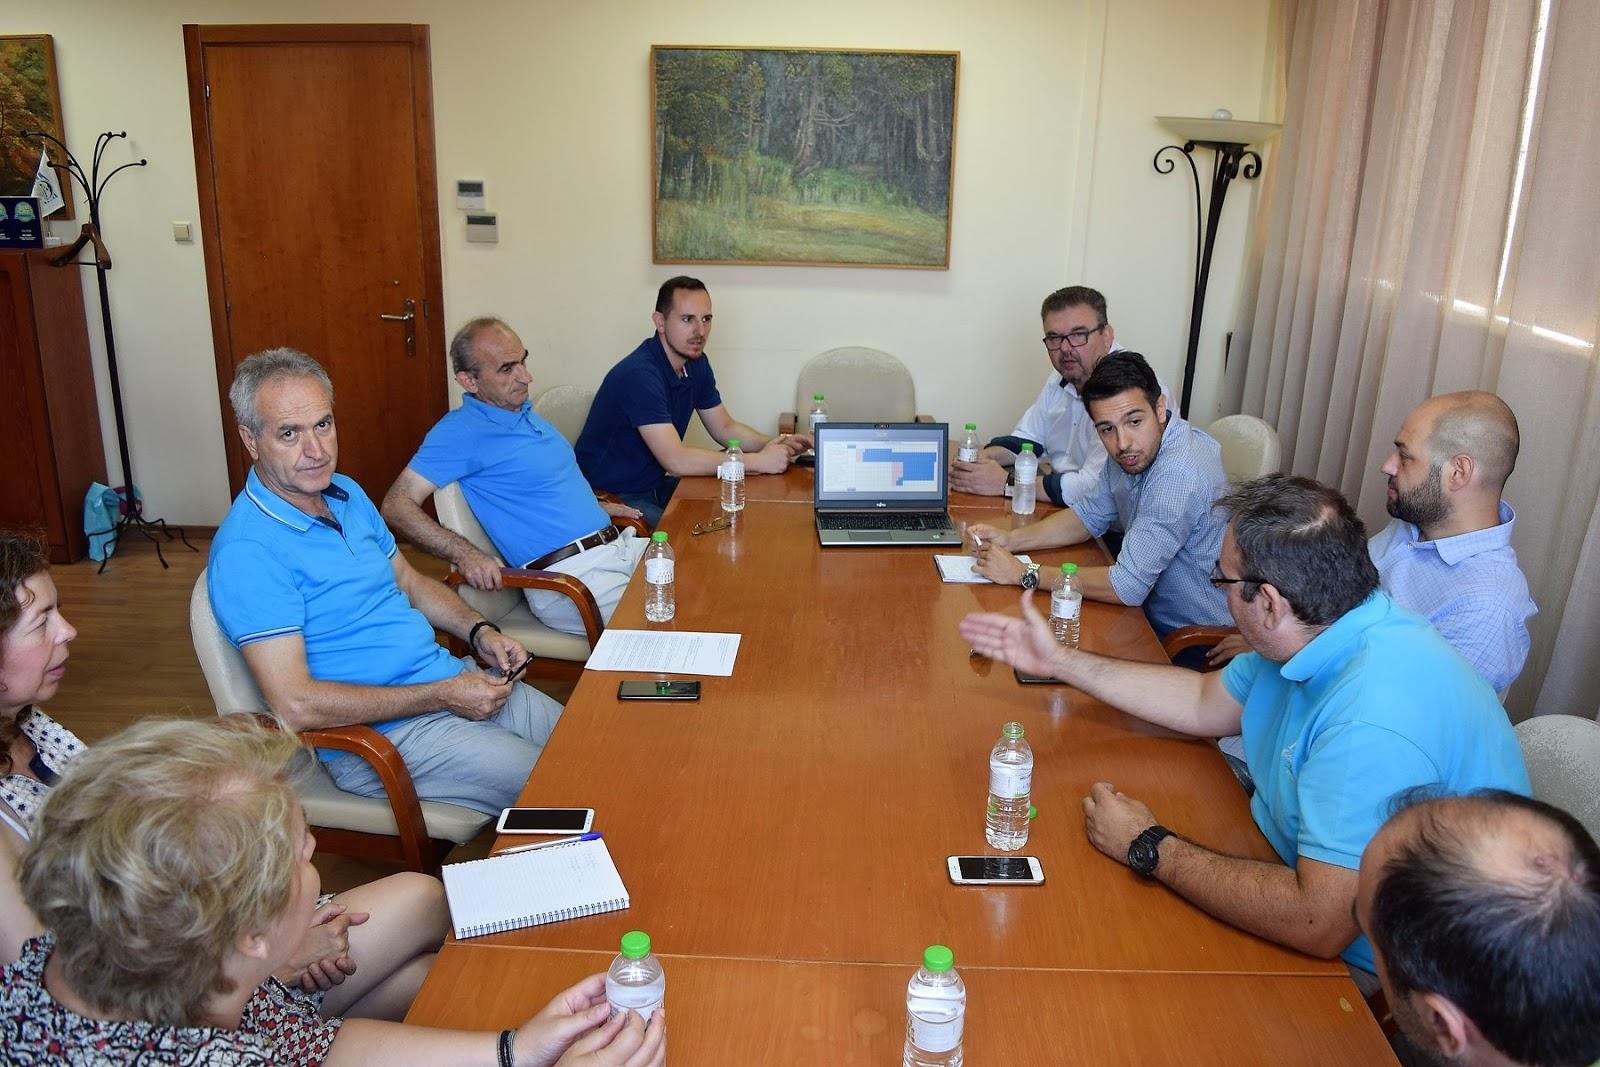 Ξεκινά η υλοποίηση του Ανοικτού Κέντρου Εμπορίου της Καρδίτσας